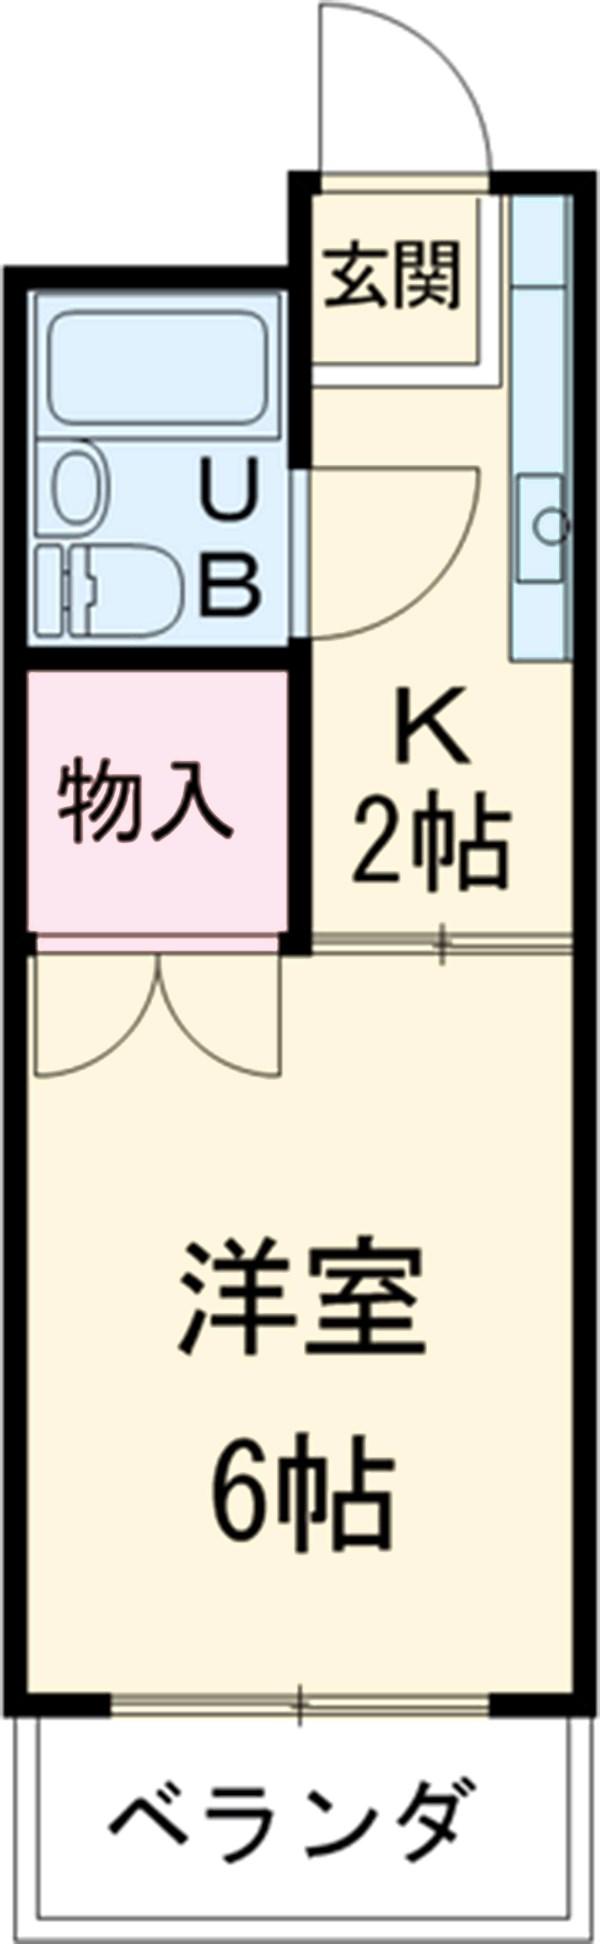 リバーサイド成栄南・310号室の間取り